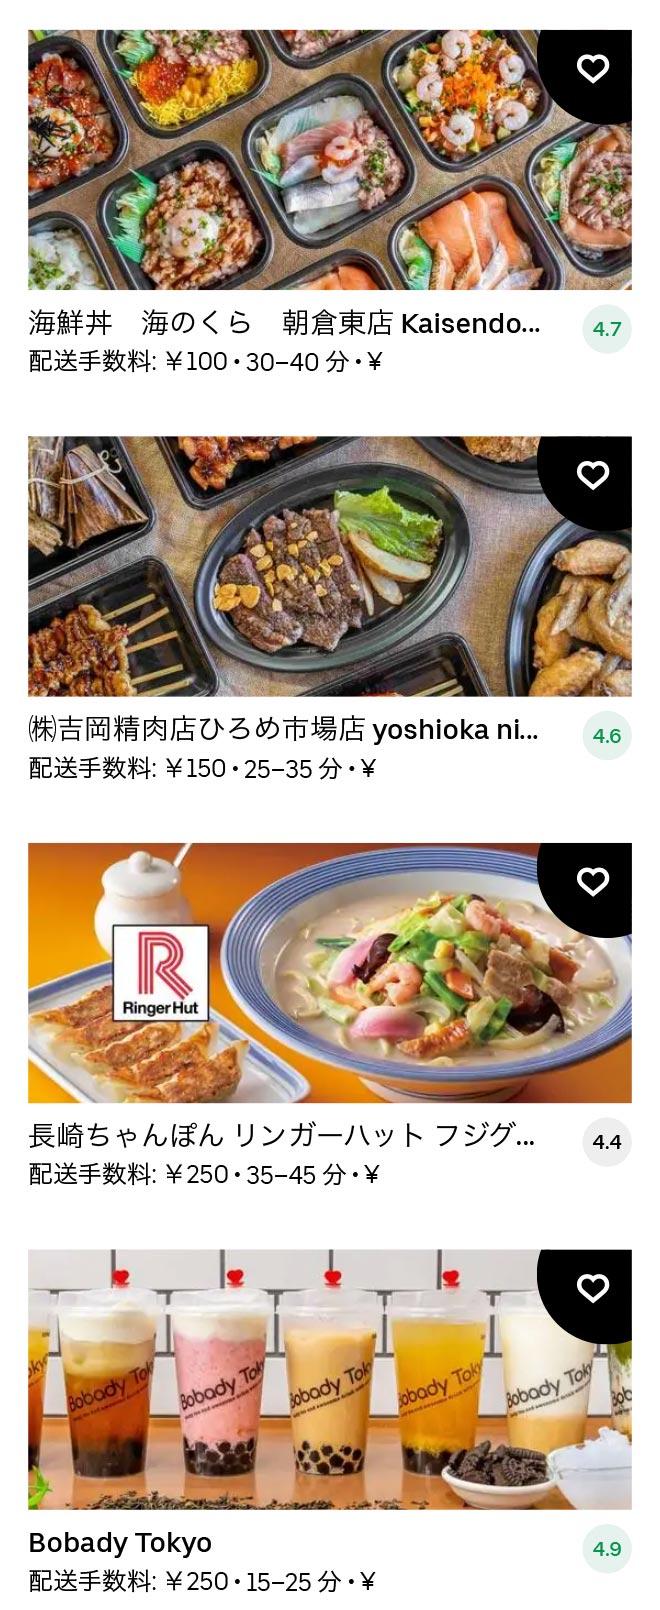 U kouchi asahi 2103 04